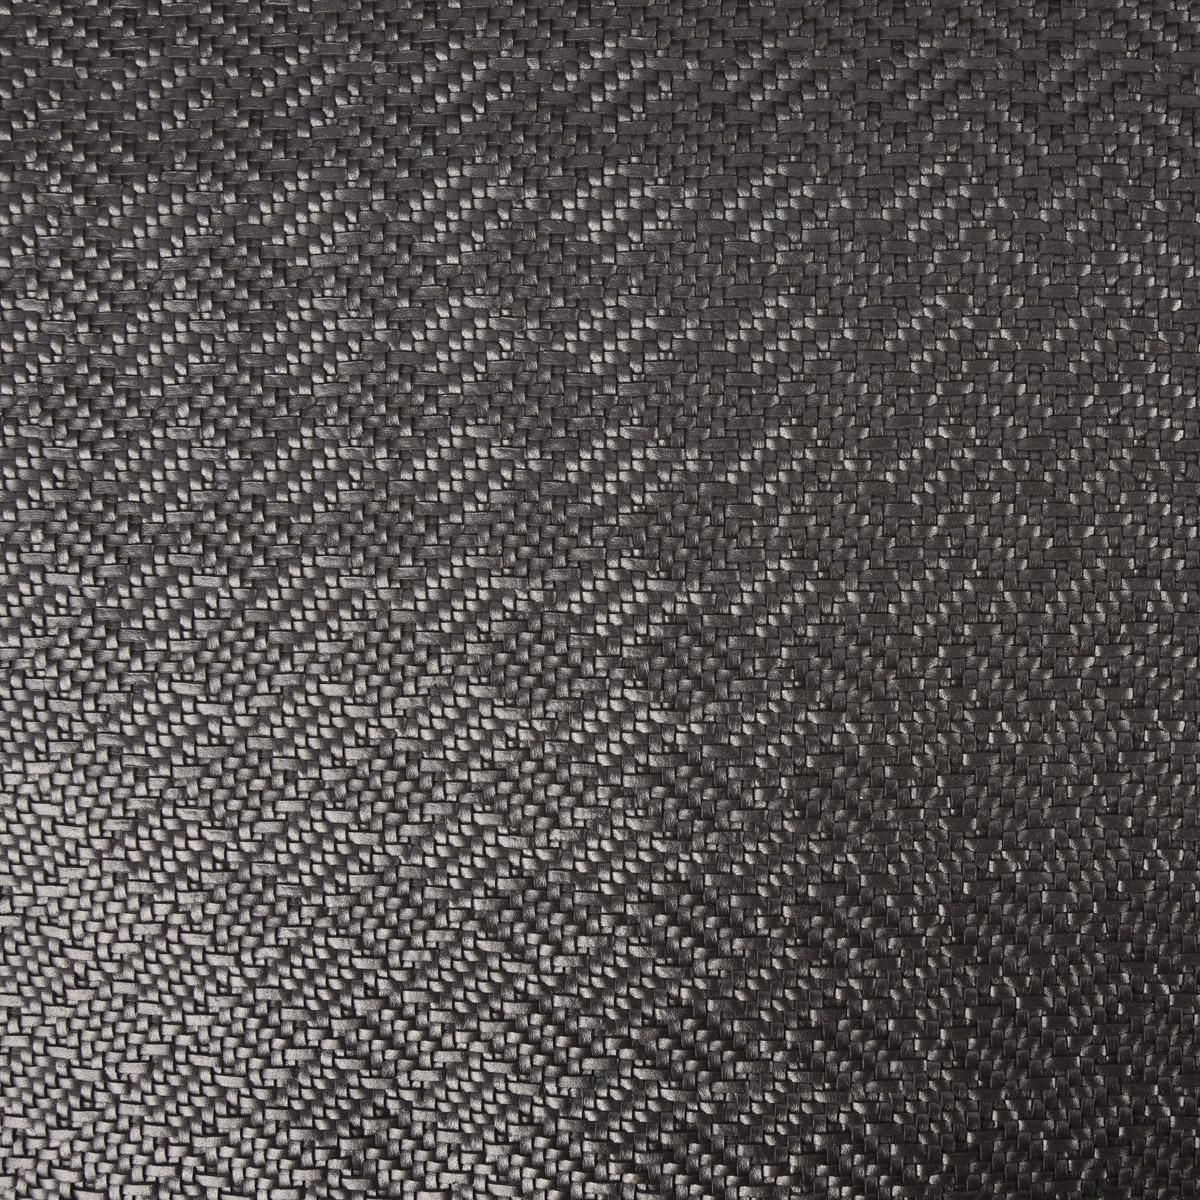 Kunstleder Lederimitat Flechtmuster stahlgrau metallic 1,4m Breite